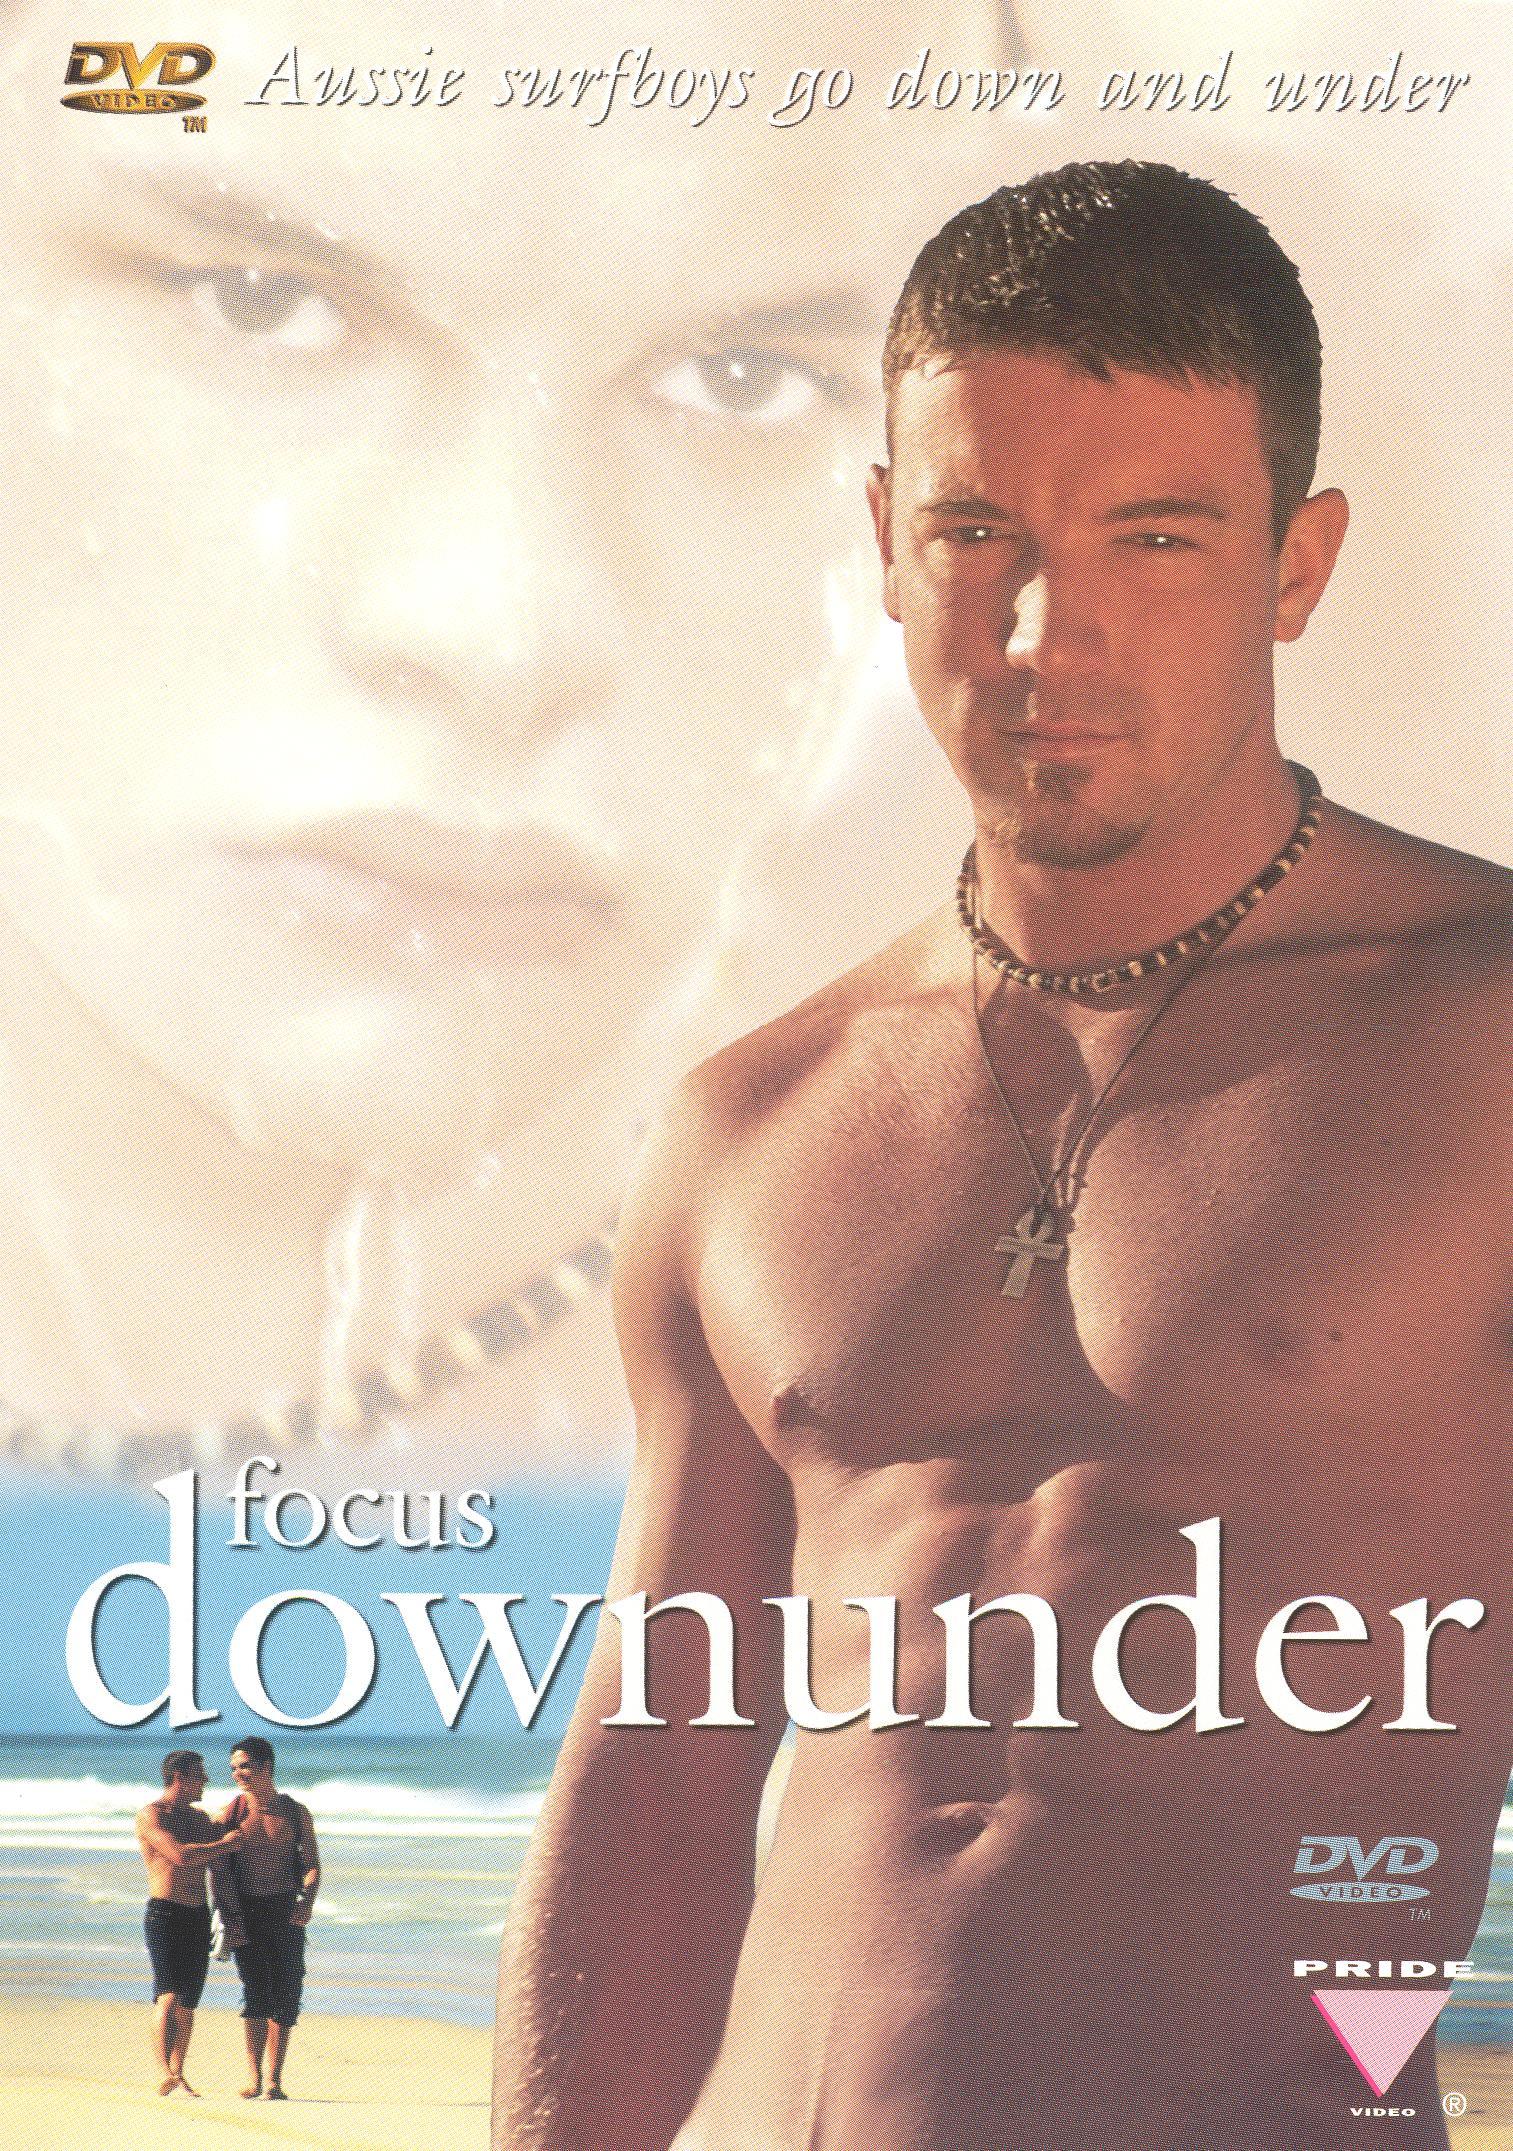 Focus Downunder